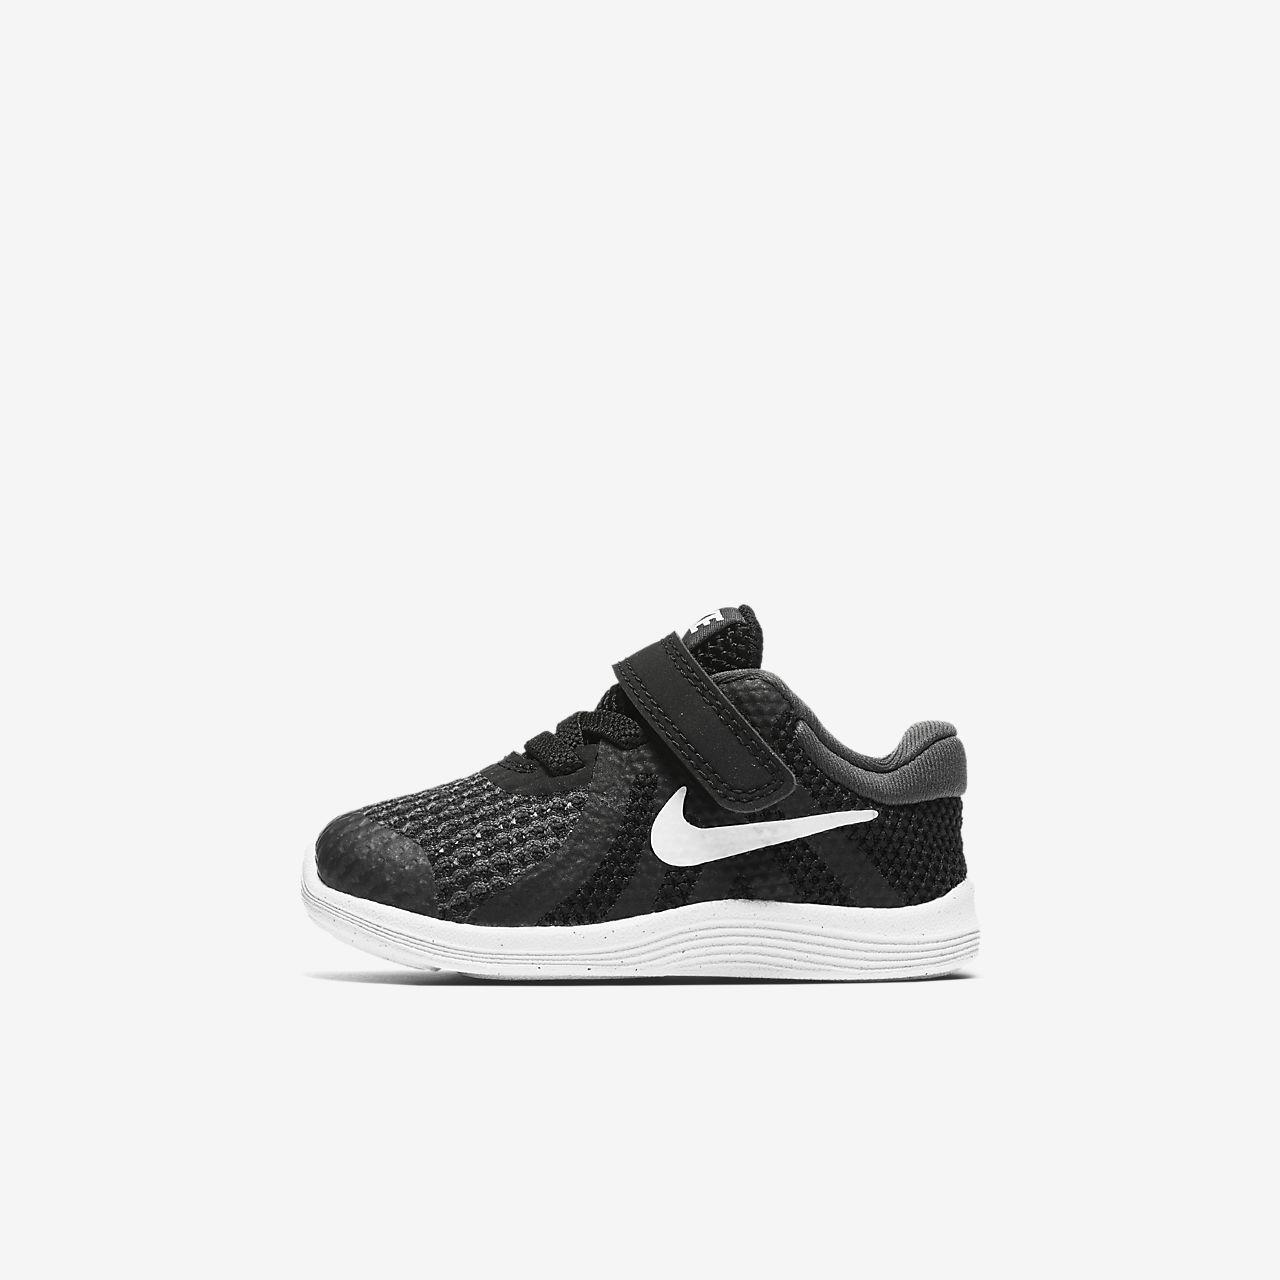 097abb03712 Sapatilhas Nike Revolution 4 para bebé. Nike.com PT